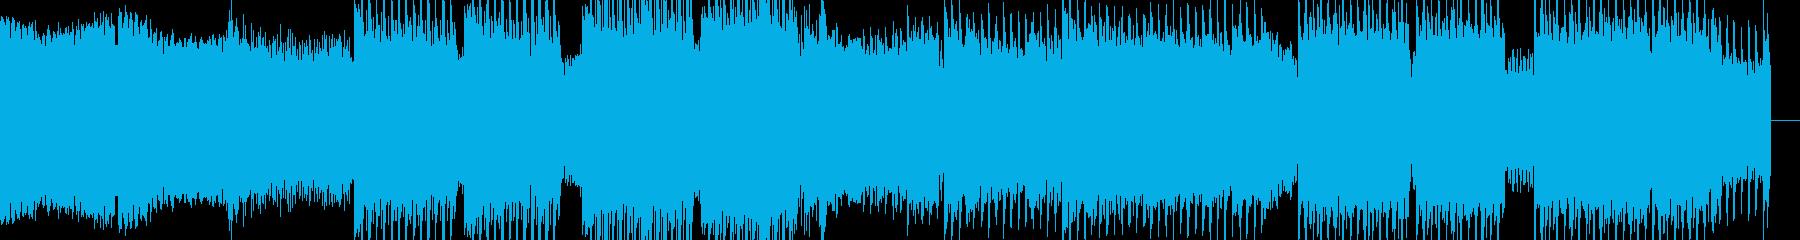 【EDM】迫力・エネルギッシュなCMにの再生済みの波形